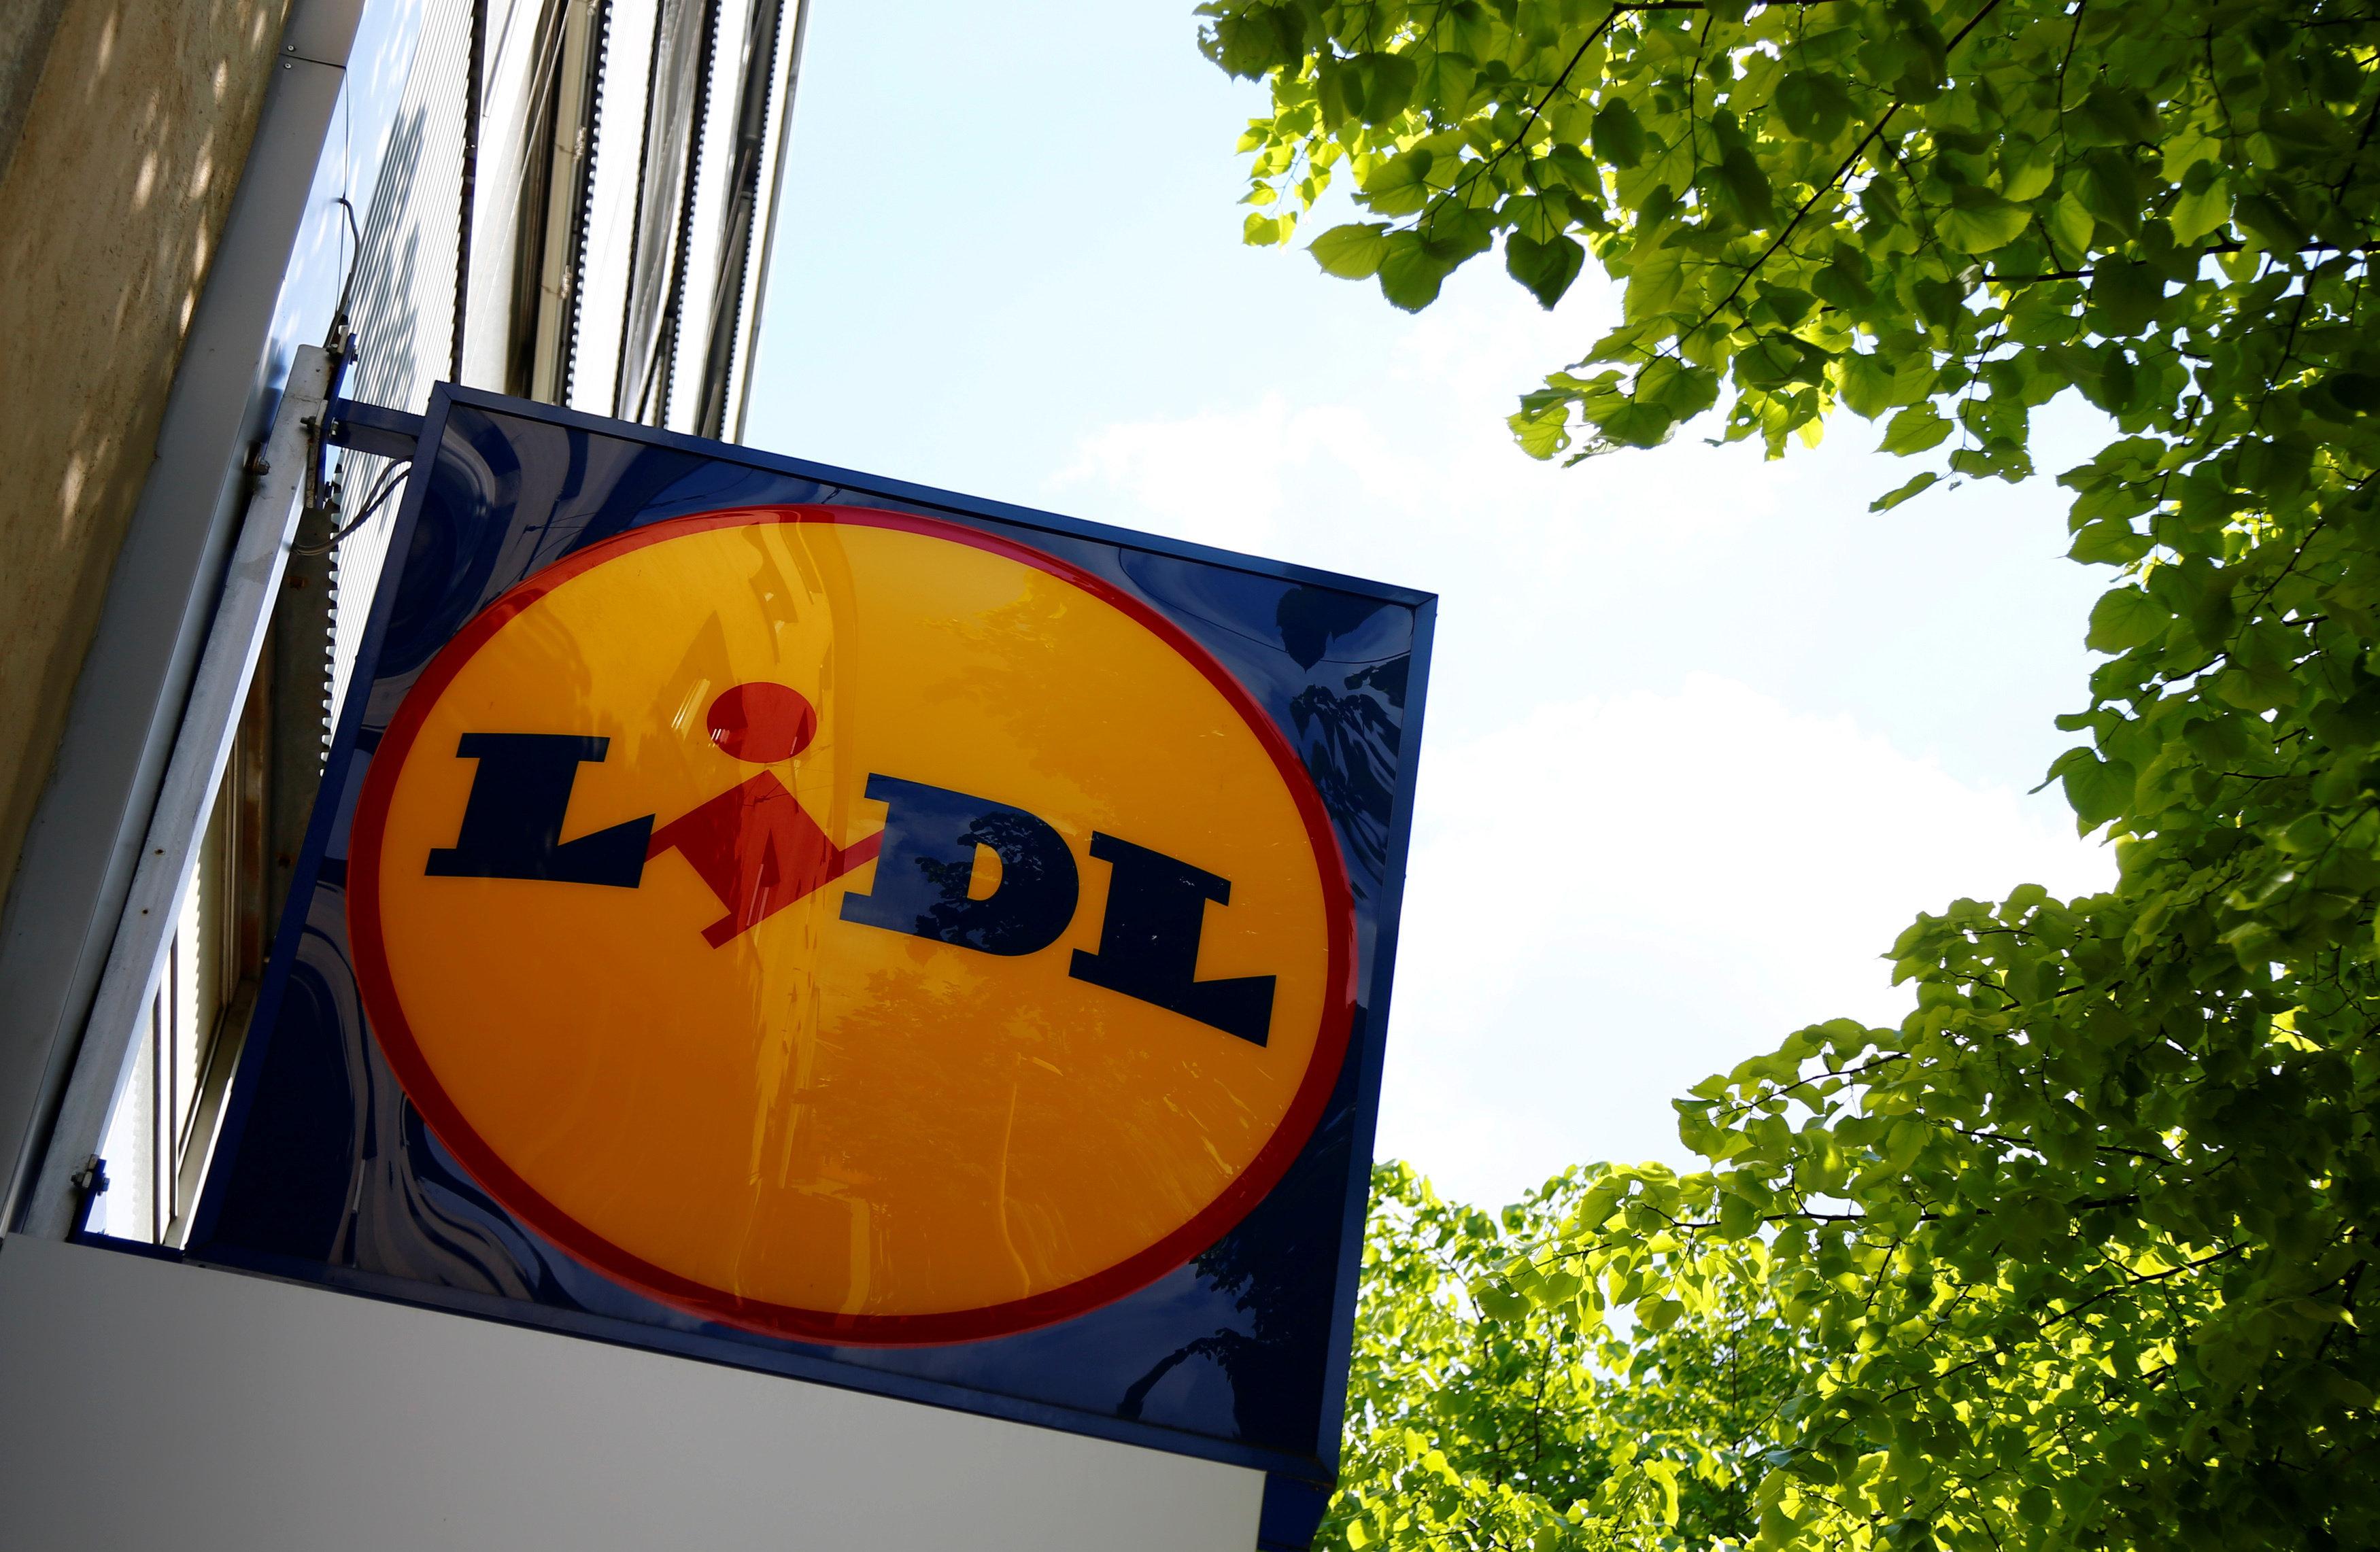 Lidl: Eltern wollen Alkohol kaufen, dann rückt die Polizei